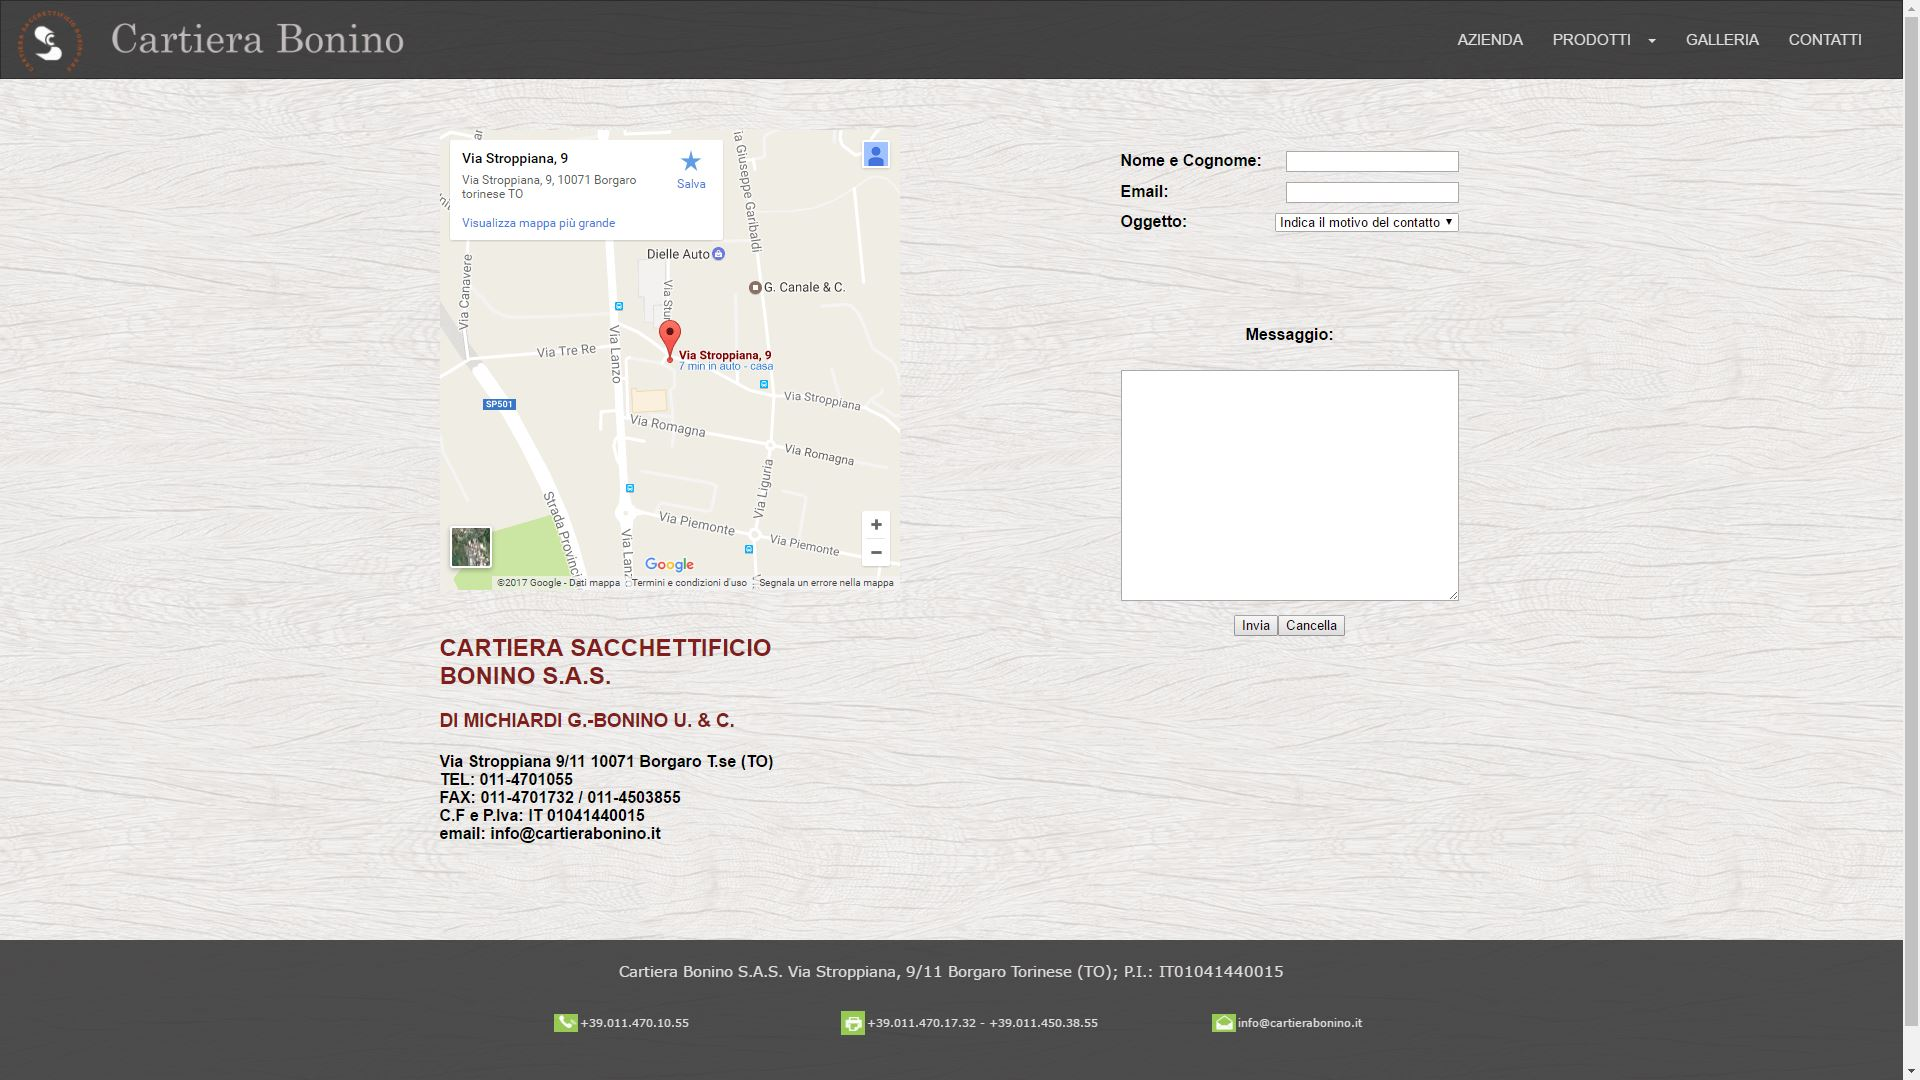 Mk Computers - Assistenza PC e Siti Web Caselle Torinese - Cartiera Bonino Contatti